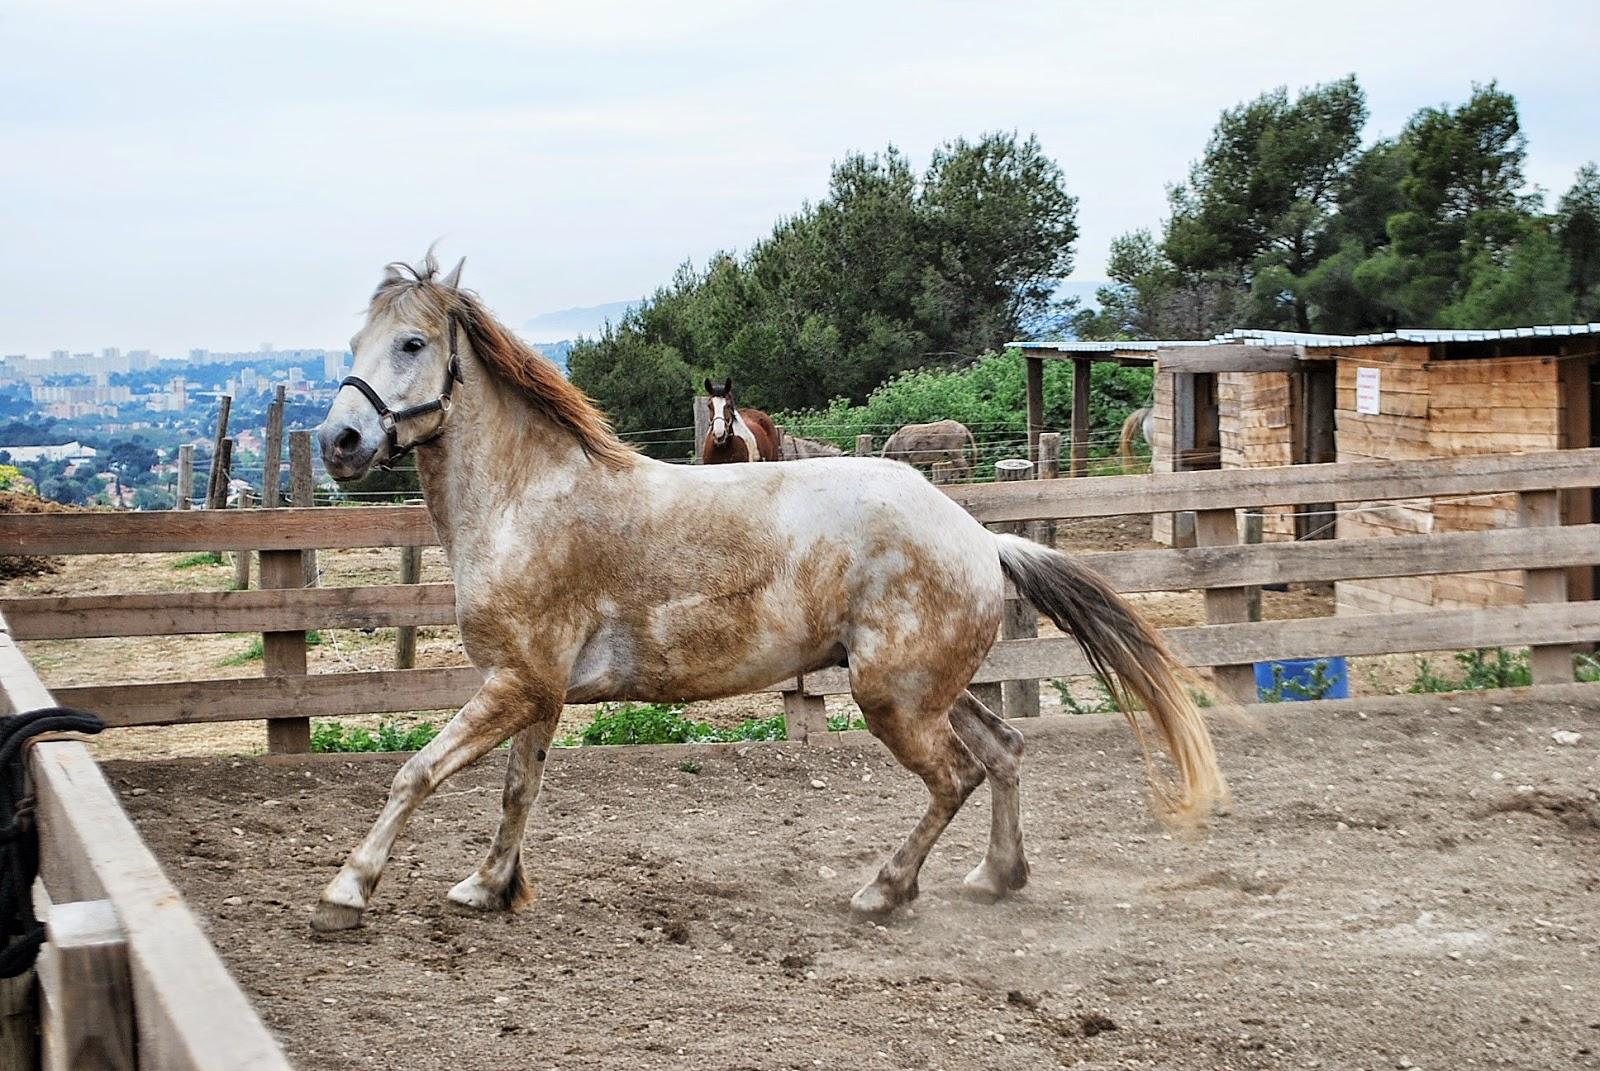 Balade à cheval, equitation, Ranch, Allauch, bon plan marseille